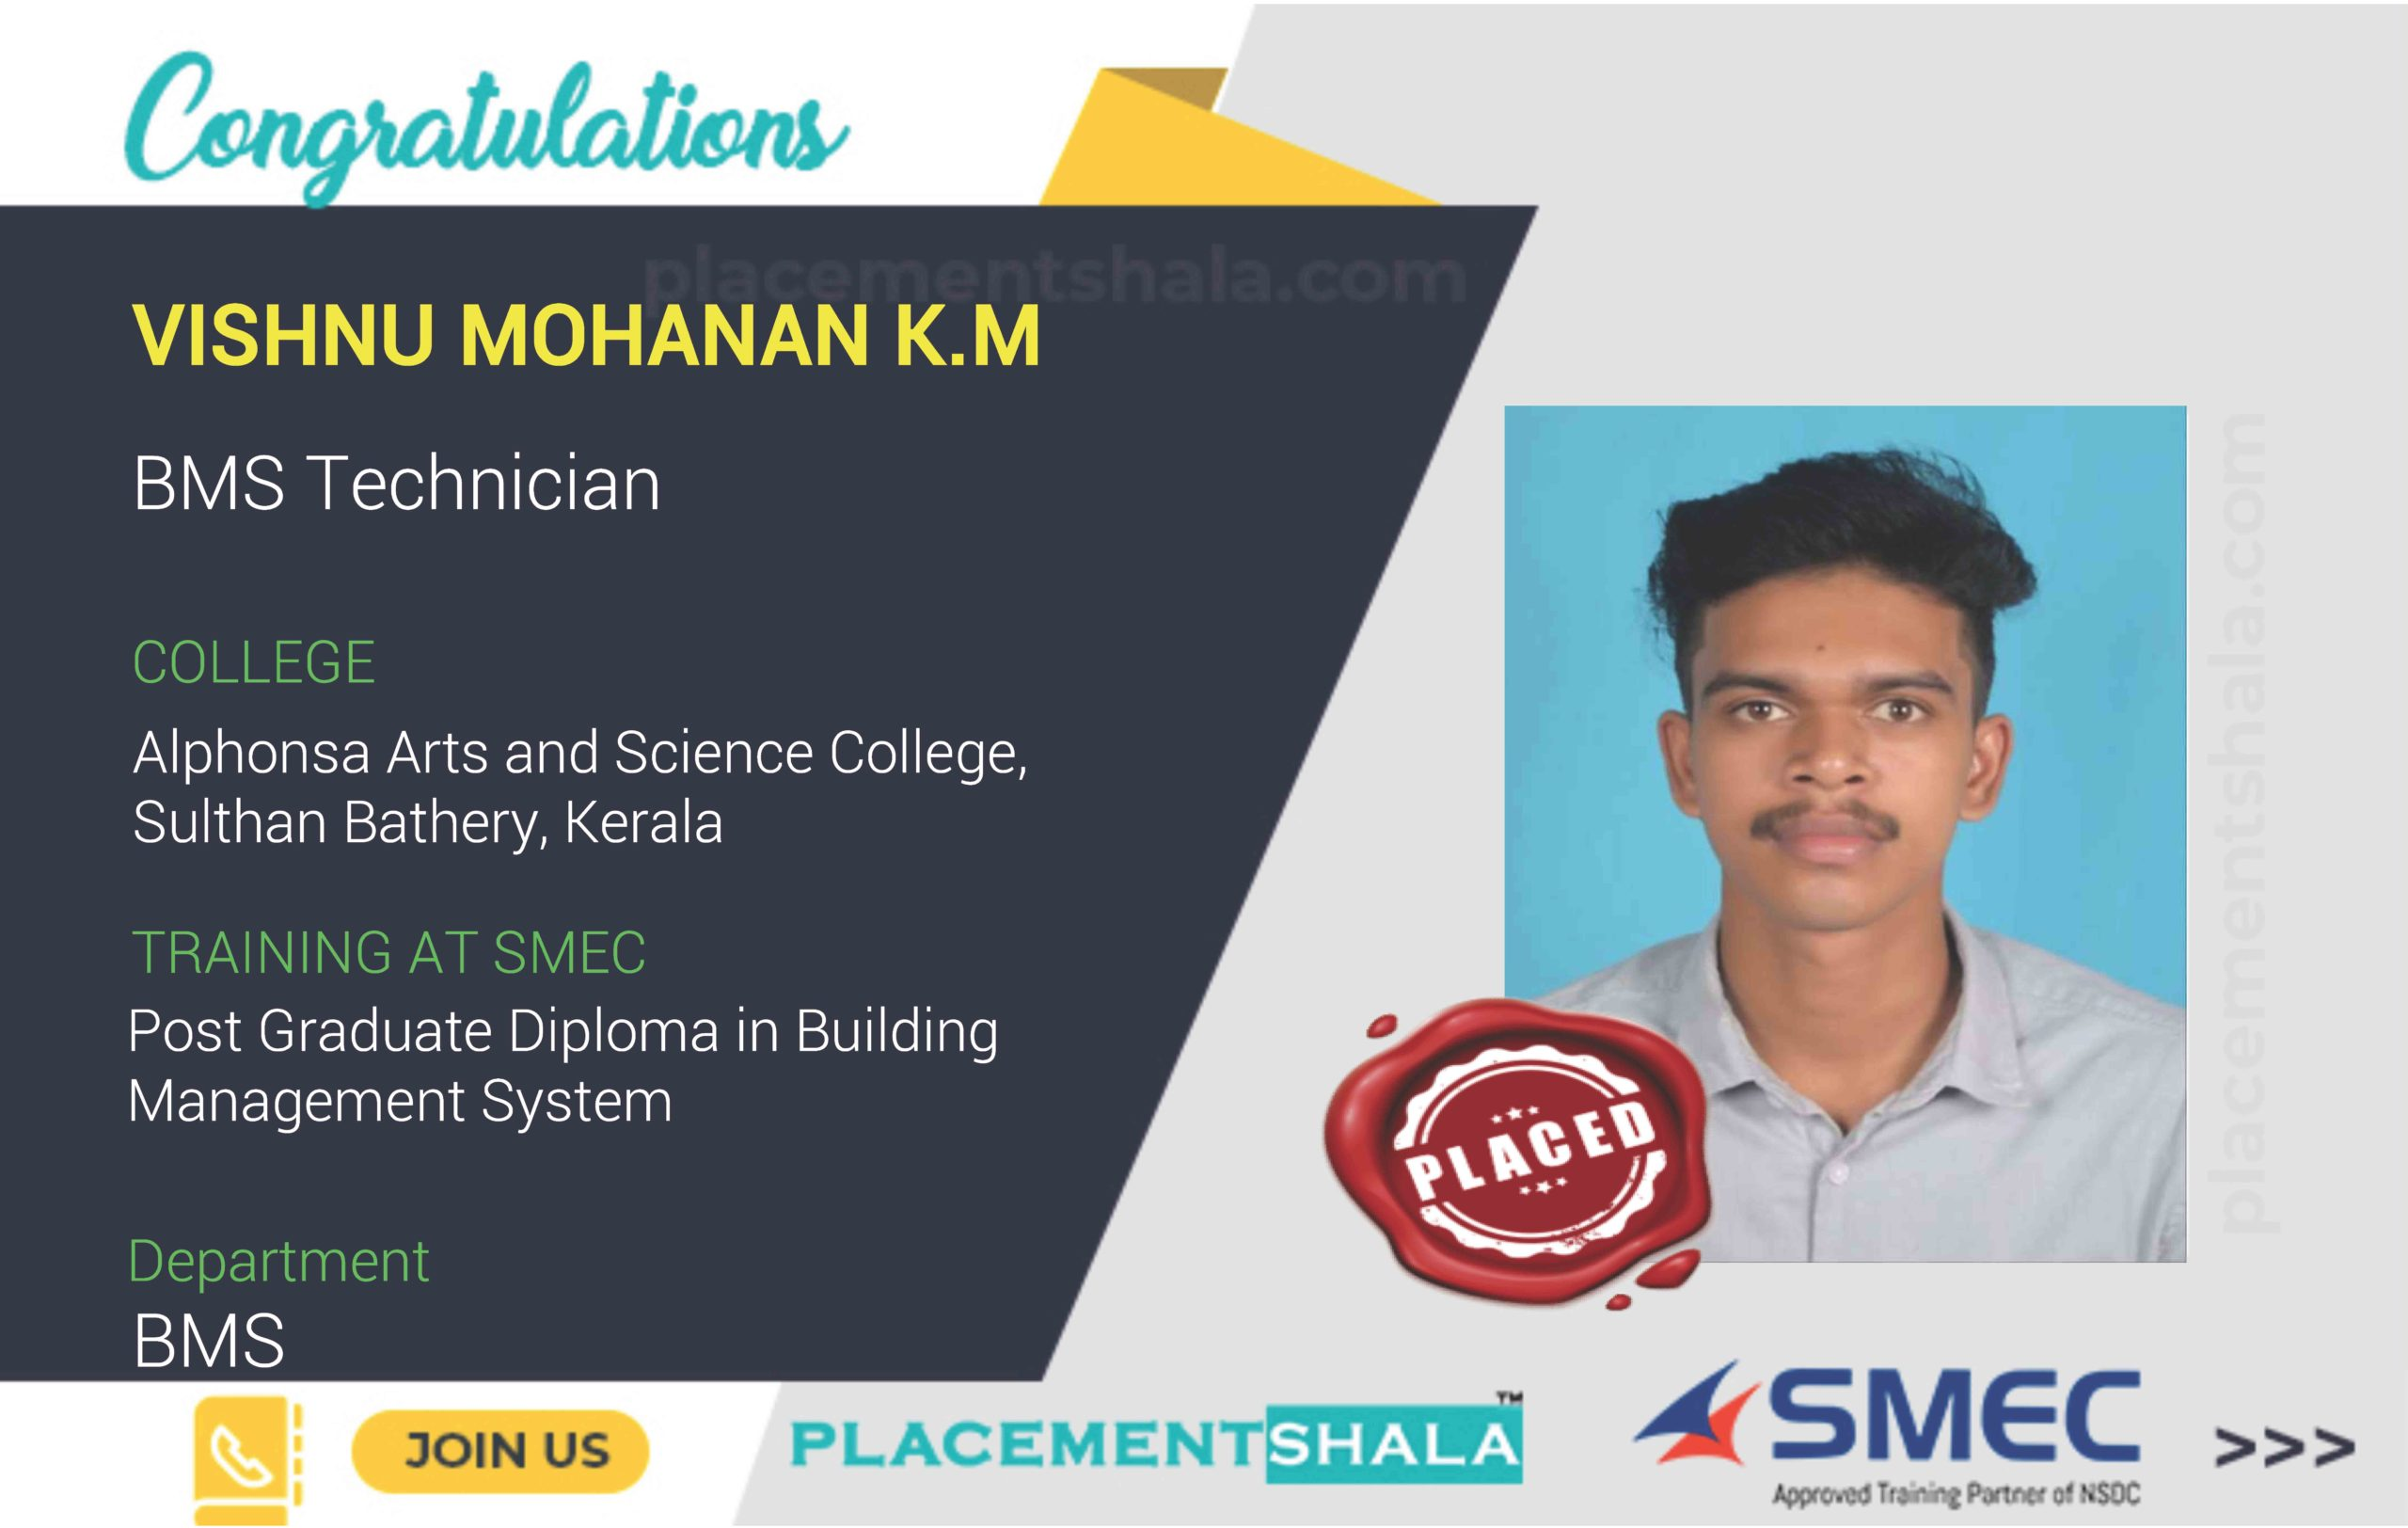 VISHNU MOHANAN K.M